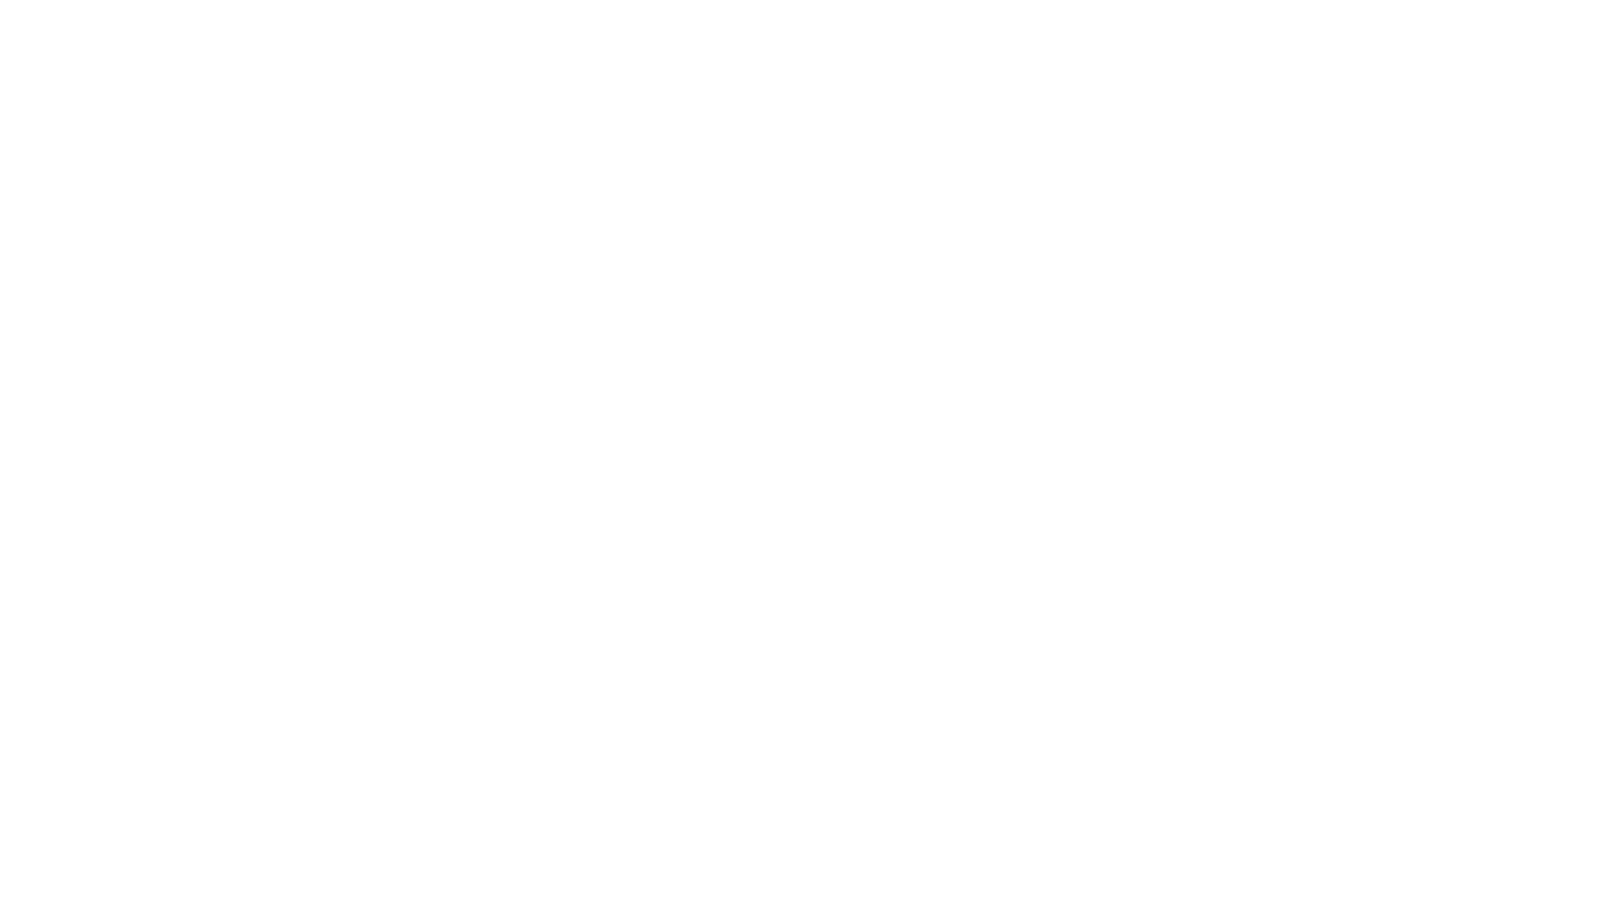 Ырыскыны бөлгөндө эки бир тууган эл экенбиз, Казакка чөлдү бериптир мунайга жакын болсун деп, Кыргызга тоону бериптир кудайга жакын болсун деп  Элмирбек Иманалиев өзү кантип чечмелеген